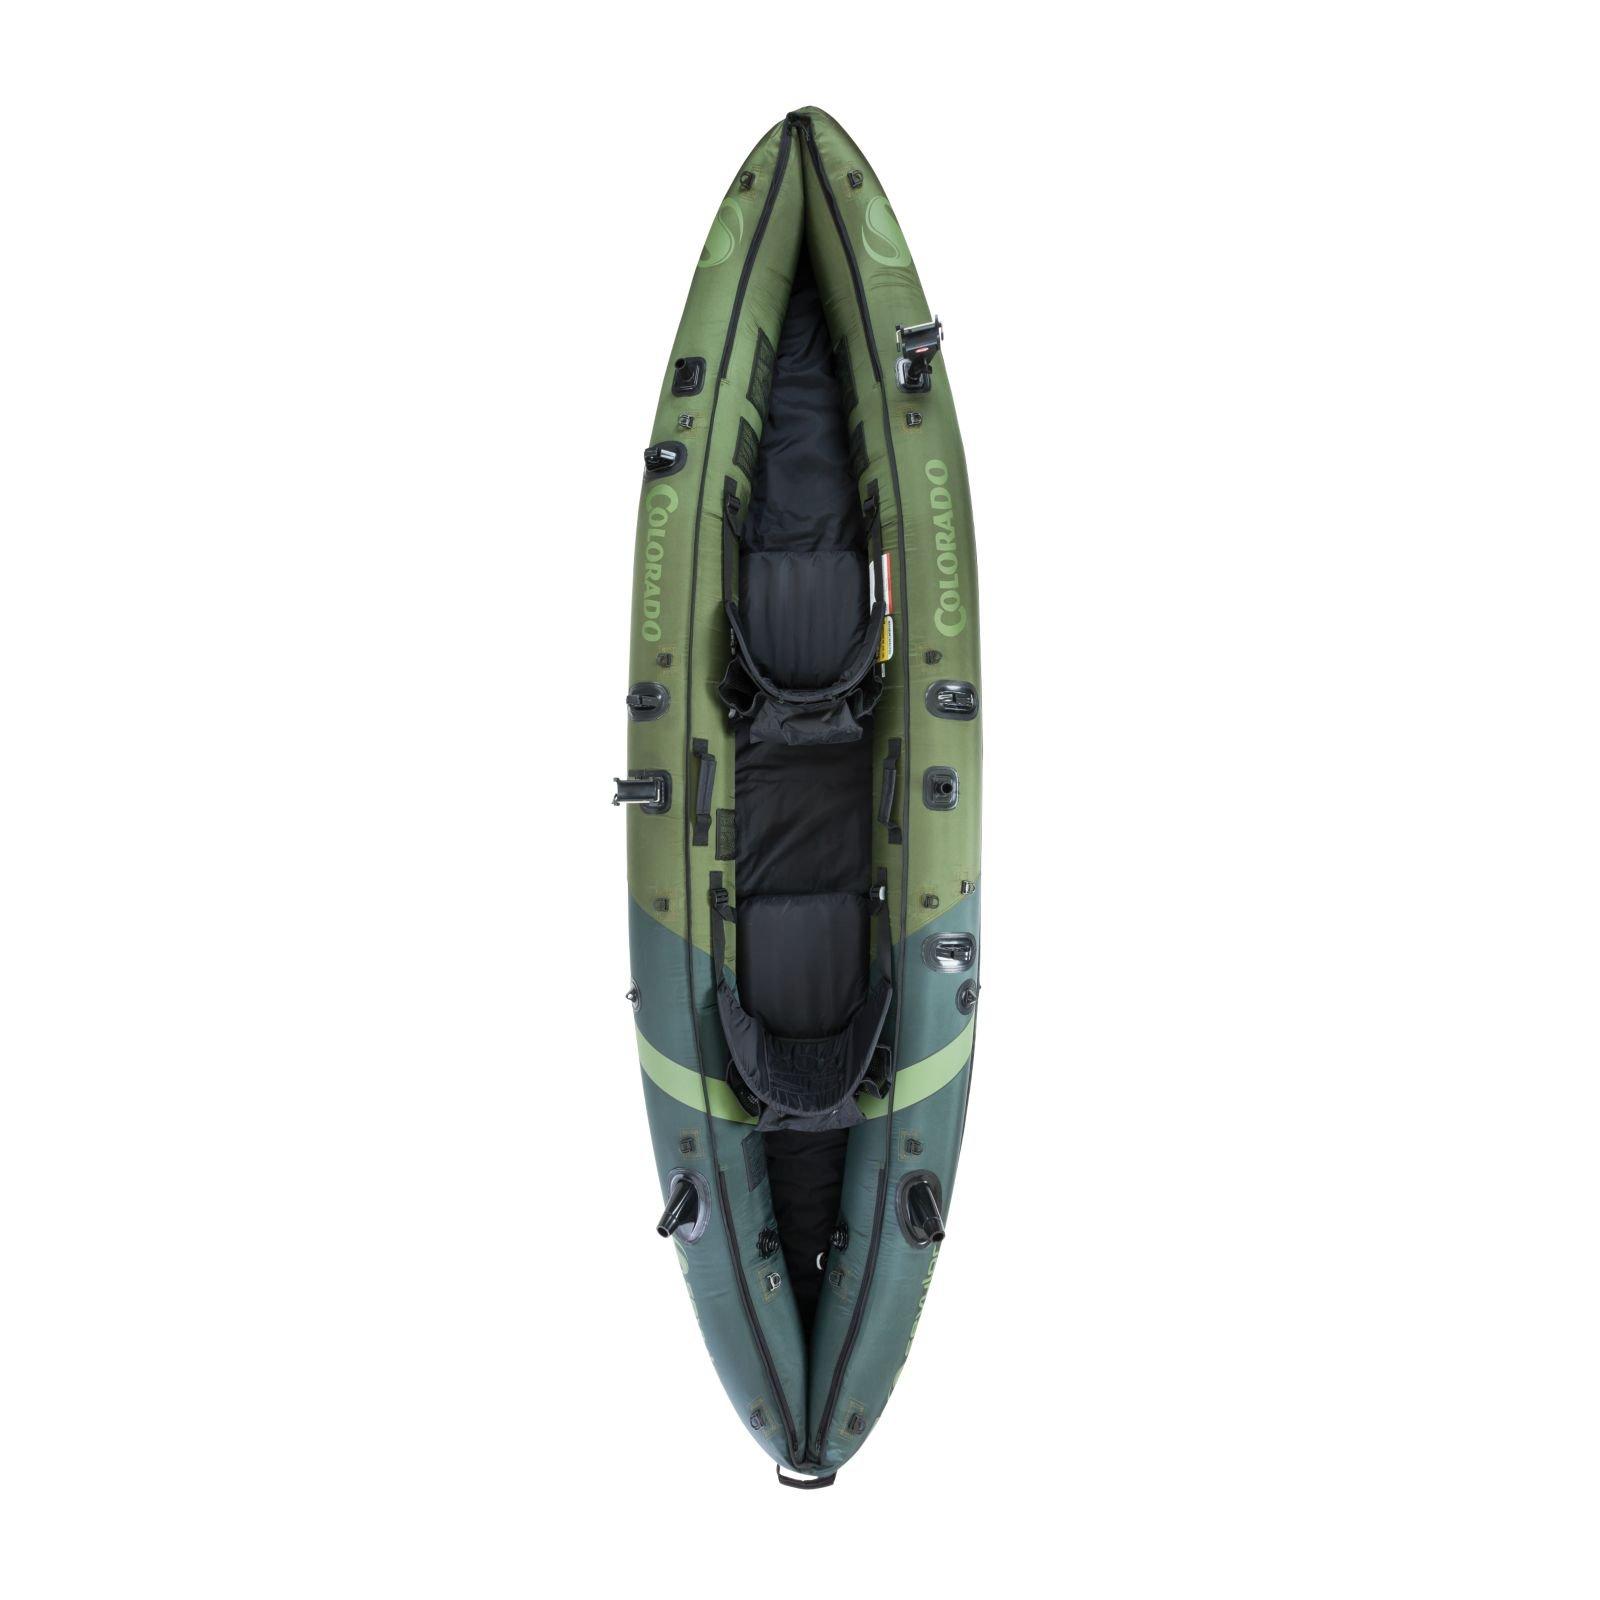 Sevylor Coleman Colorado 2-Person Fishing Kayak by Sevylor (Image #3)